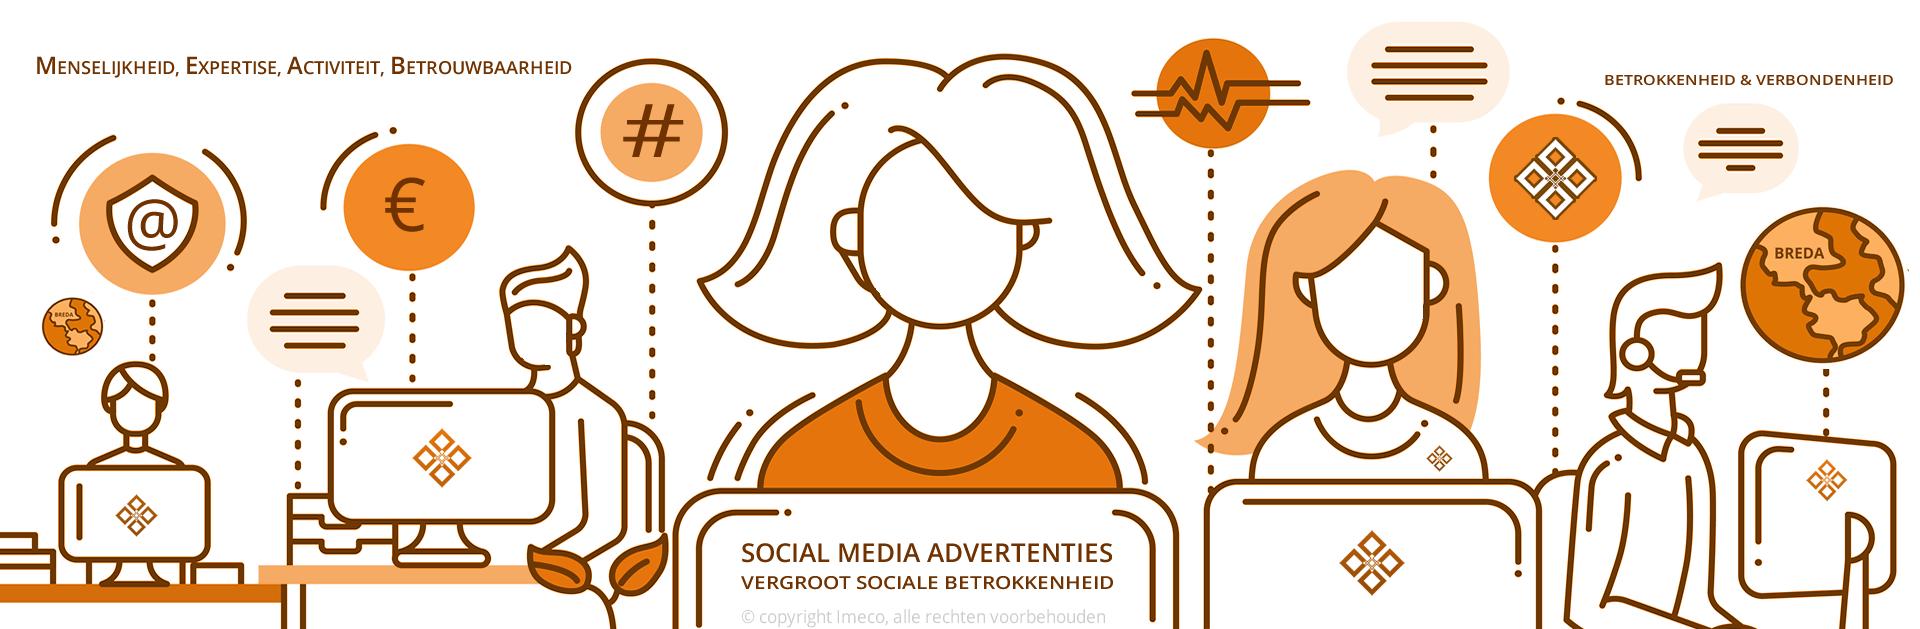 Social Media Àdvertenties om uw bereik en betrokkenheid bij uw bedrijf te vergroten